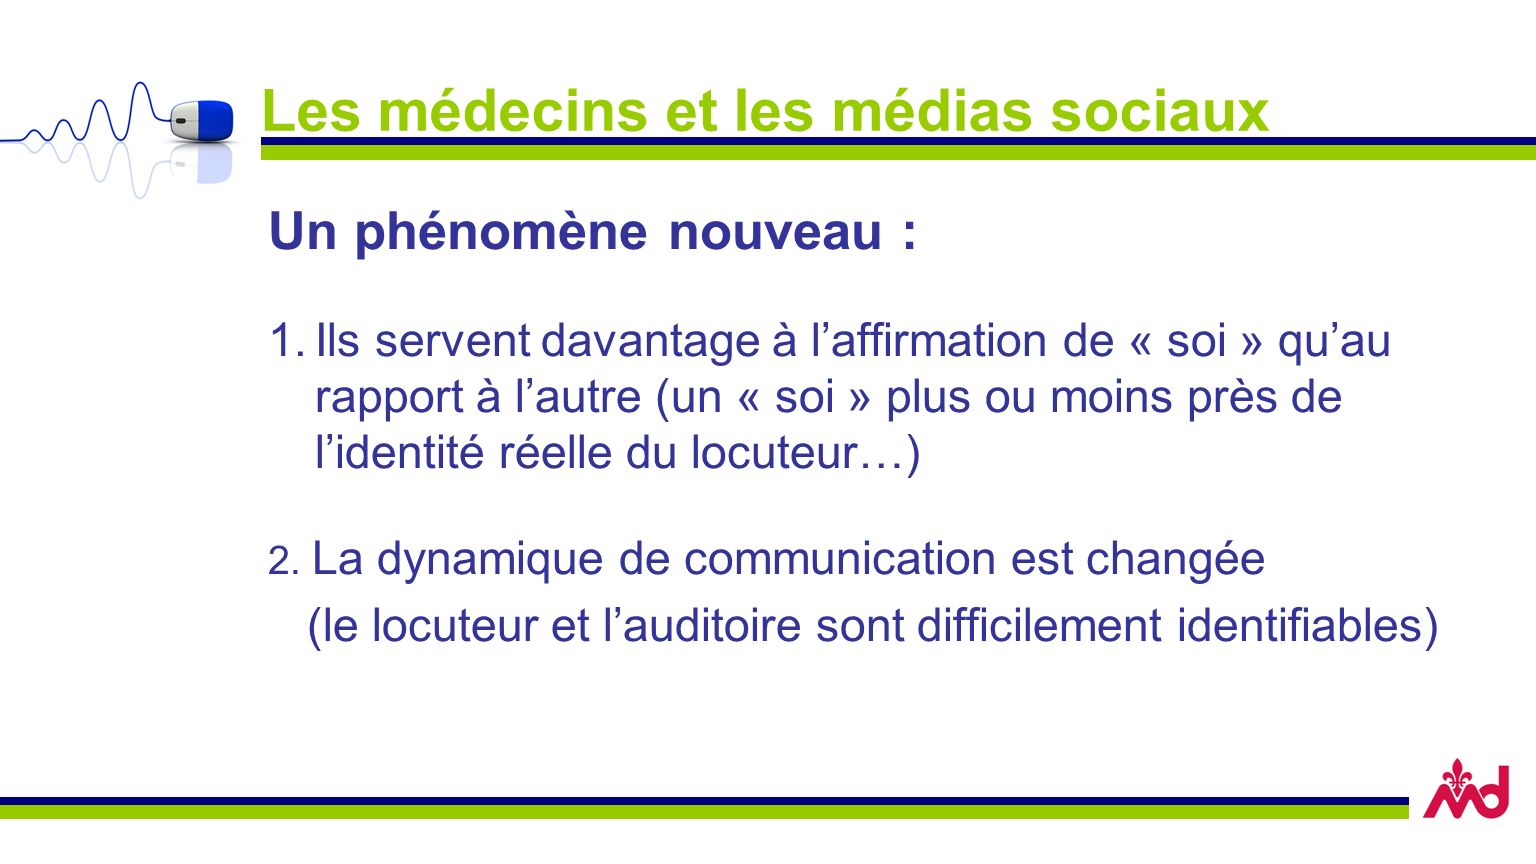 Les médecins et les médias sociaux Un phénomène nouveau : 1.Ils servent davantage à laffirmation de « soi » quau rapport à lautre (un « soi » plus ou moins près de lidentité réelle du locuteur…) 2.